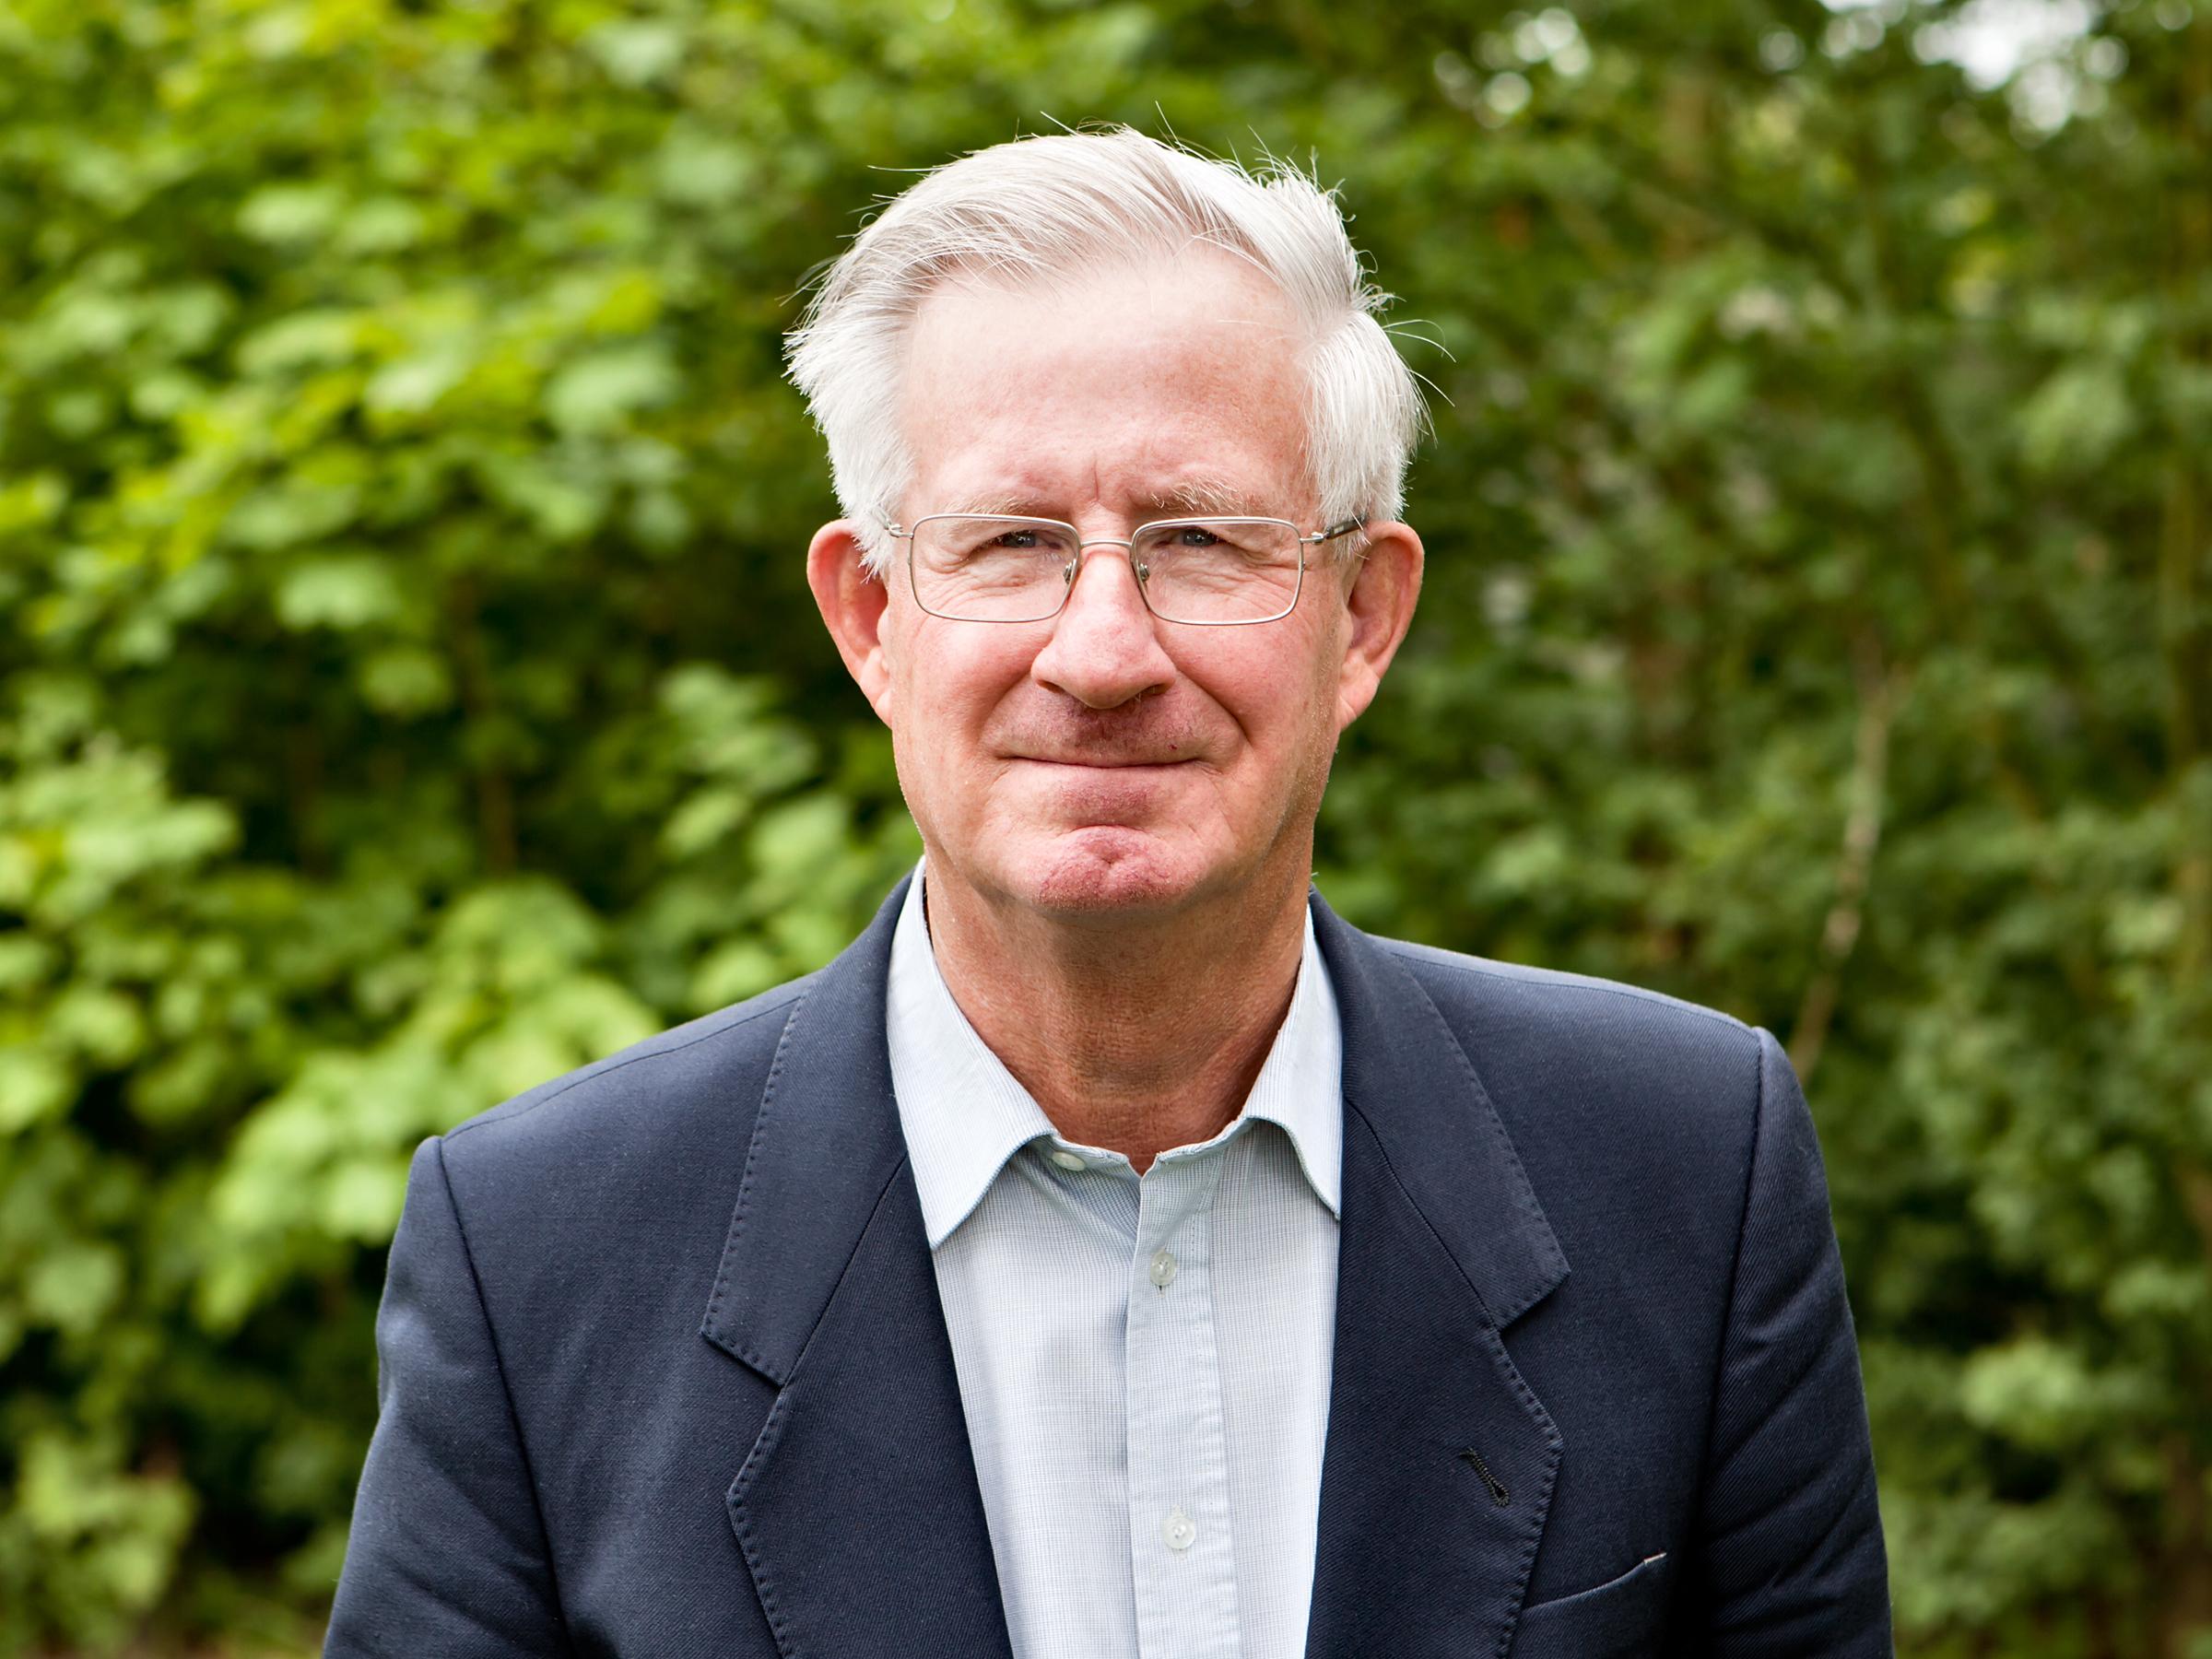 Pieter Heijndijk